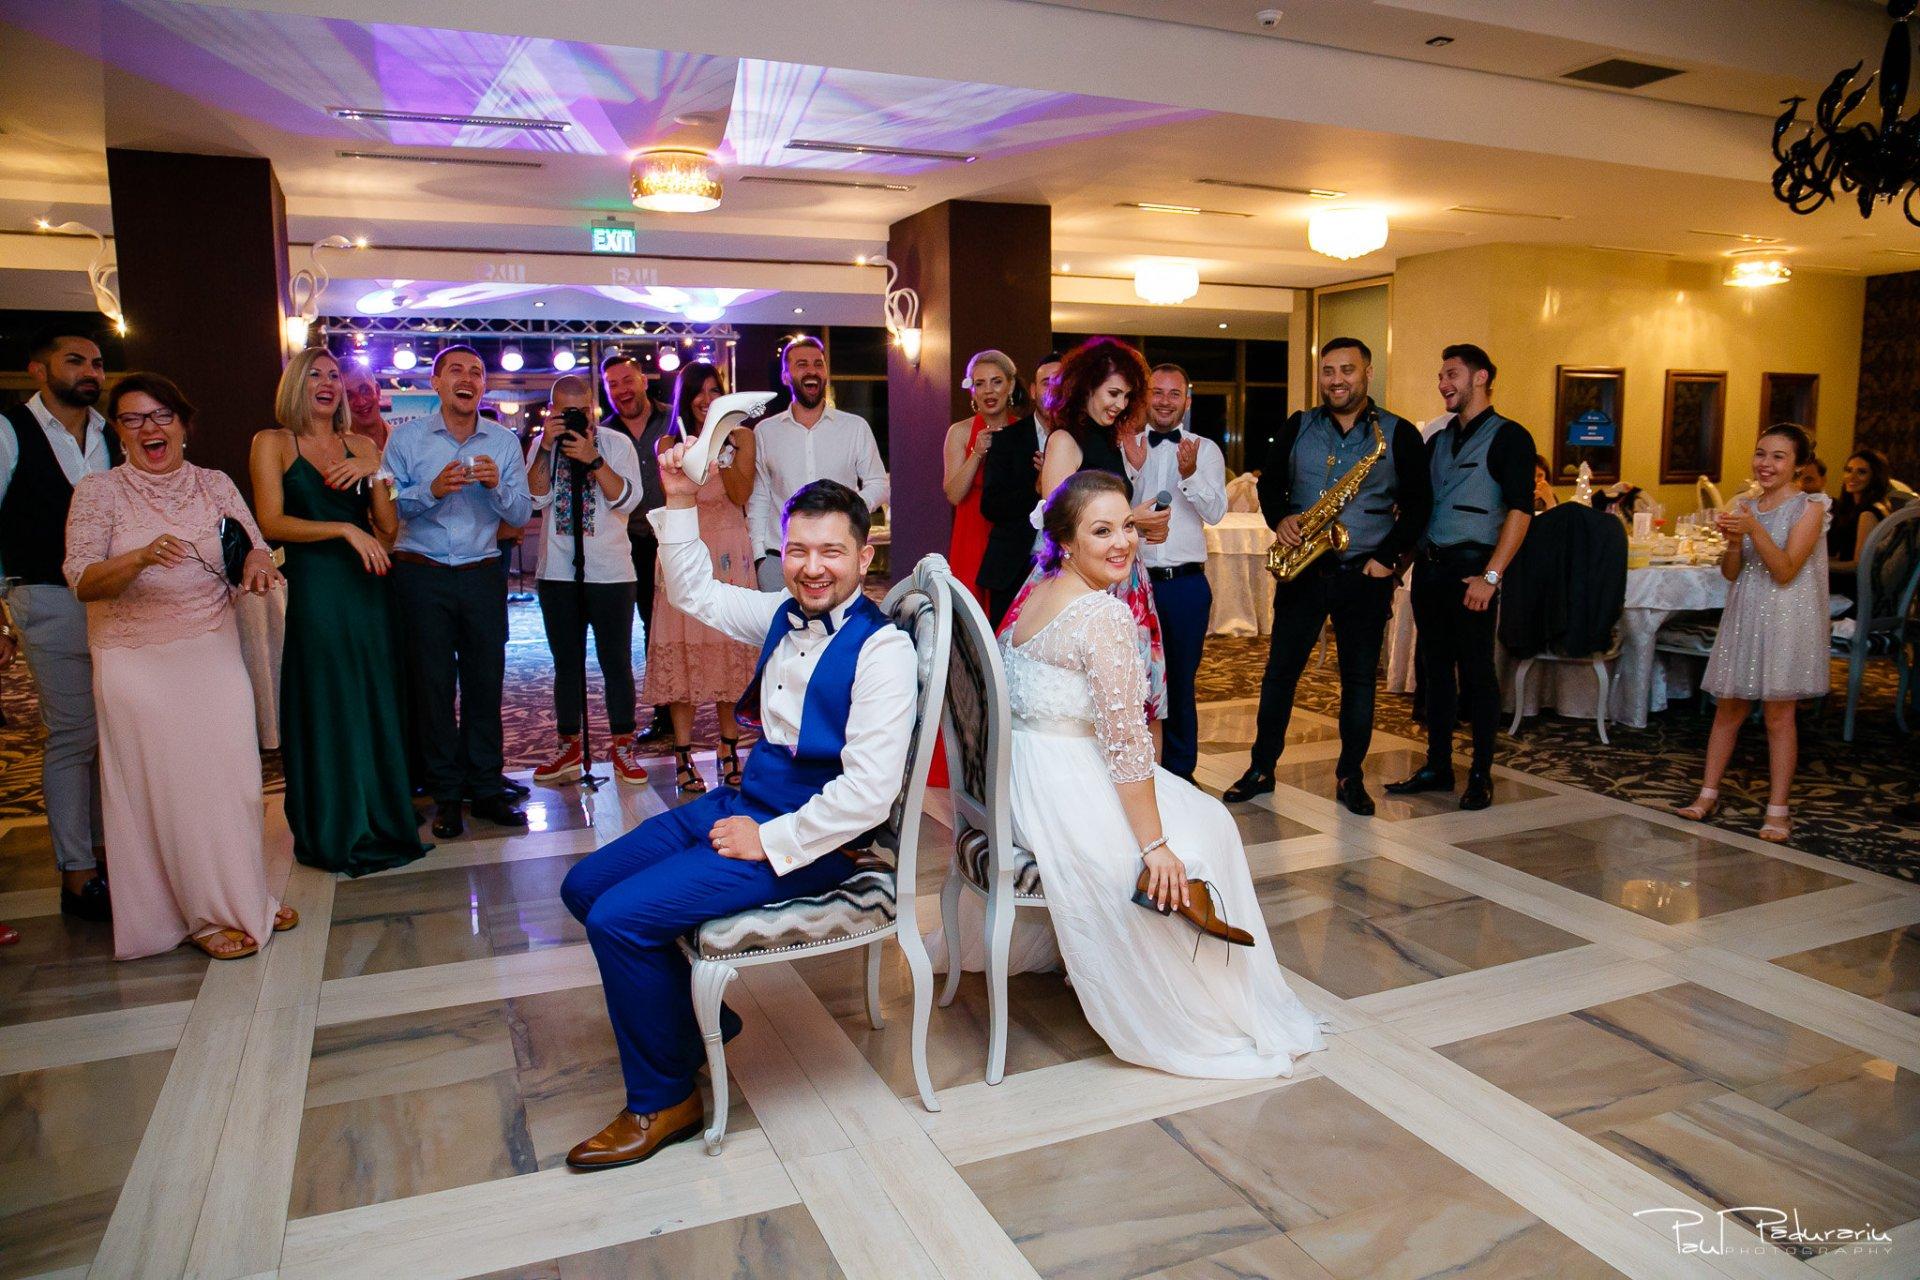 Petrecere la Pleaiada nunta Ema si Tudor fotograf profesionist de nunta iasi www.paulpadurariu.ro © 2017 Paul Padurariu momentul pantofilor